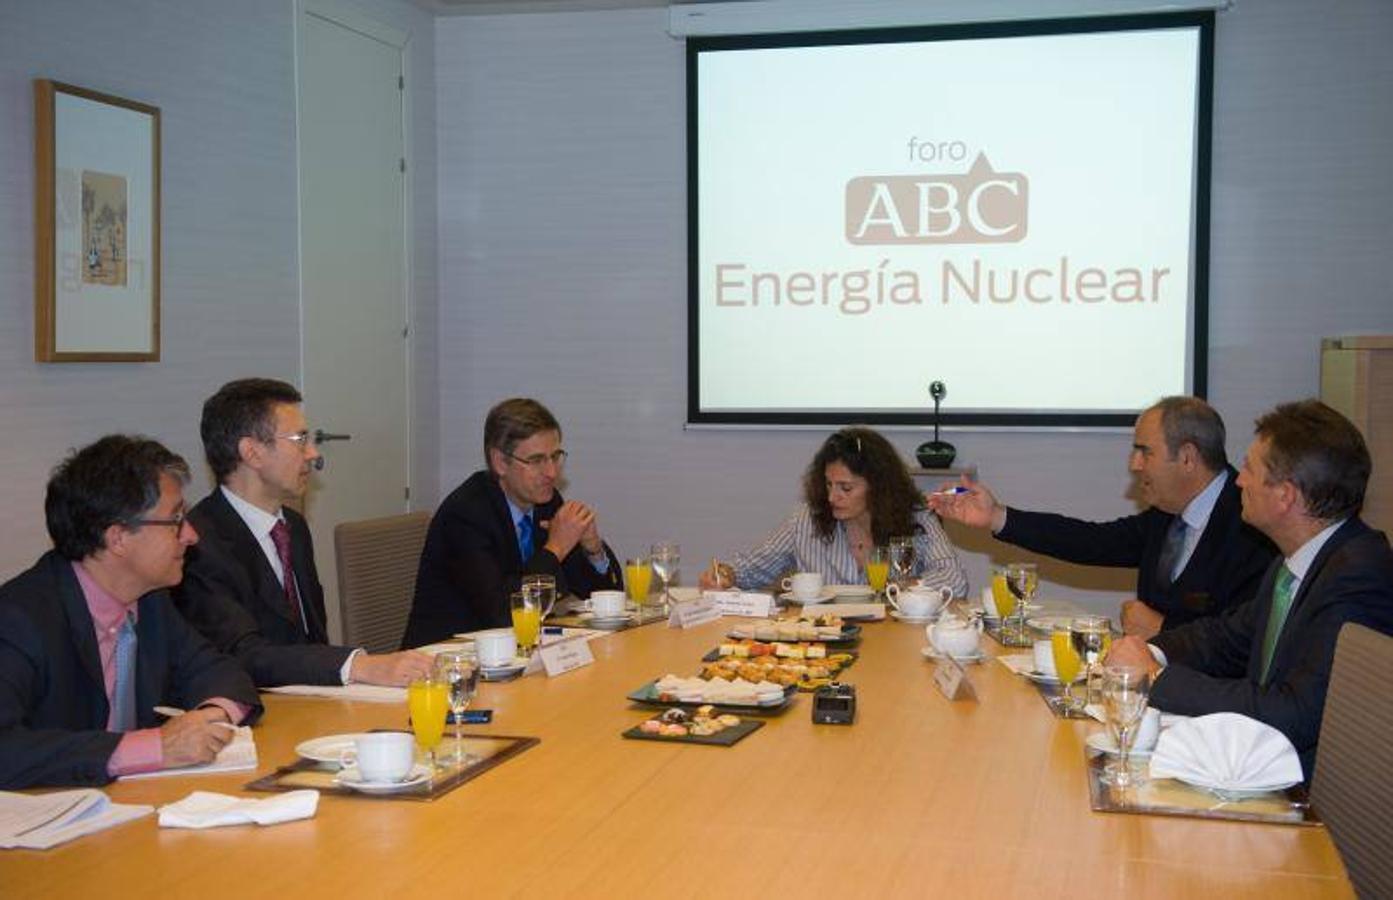 De iquierda a derecha, Arturo Rojas, de Afi (en segundo lugar); José Emeterio Gutiérrez, de Westinghouse Electric; Yolanda Gómez, subdirectora de ABC; Ignacio Araluce, del Foro Nuclear y Fernando Soto, de AEGE